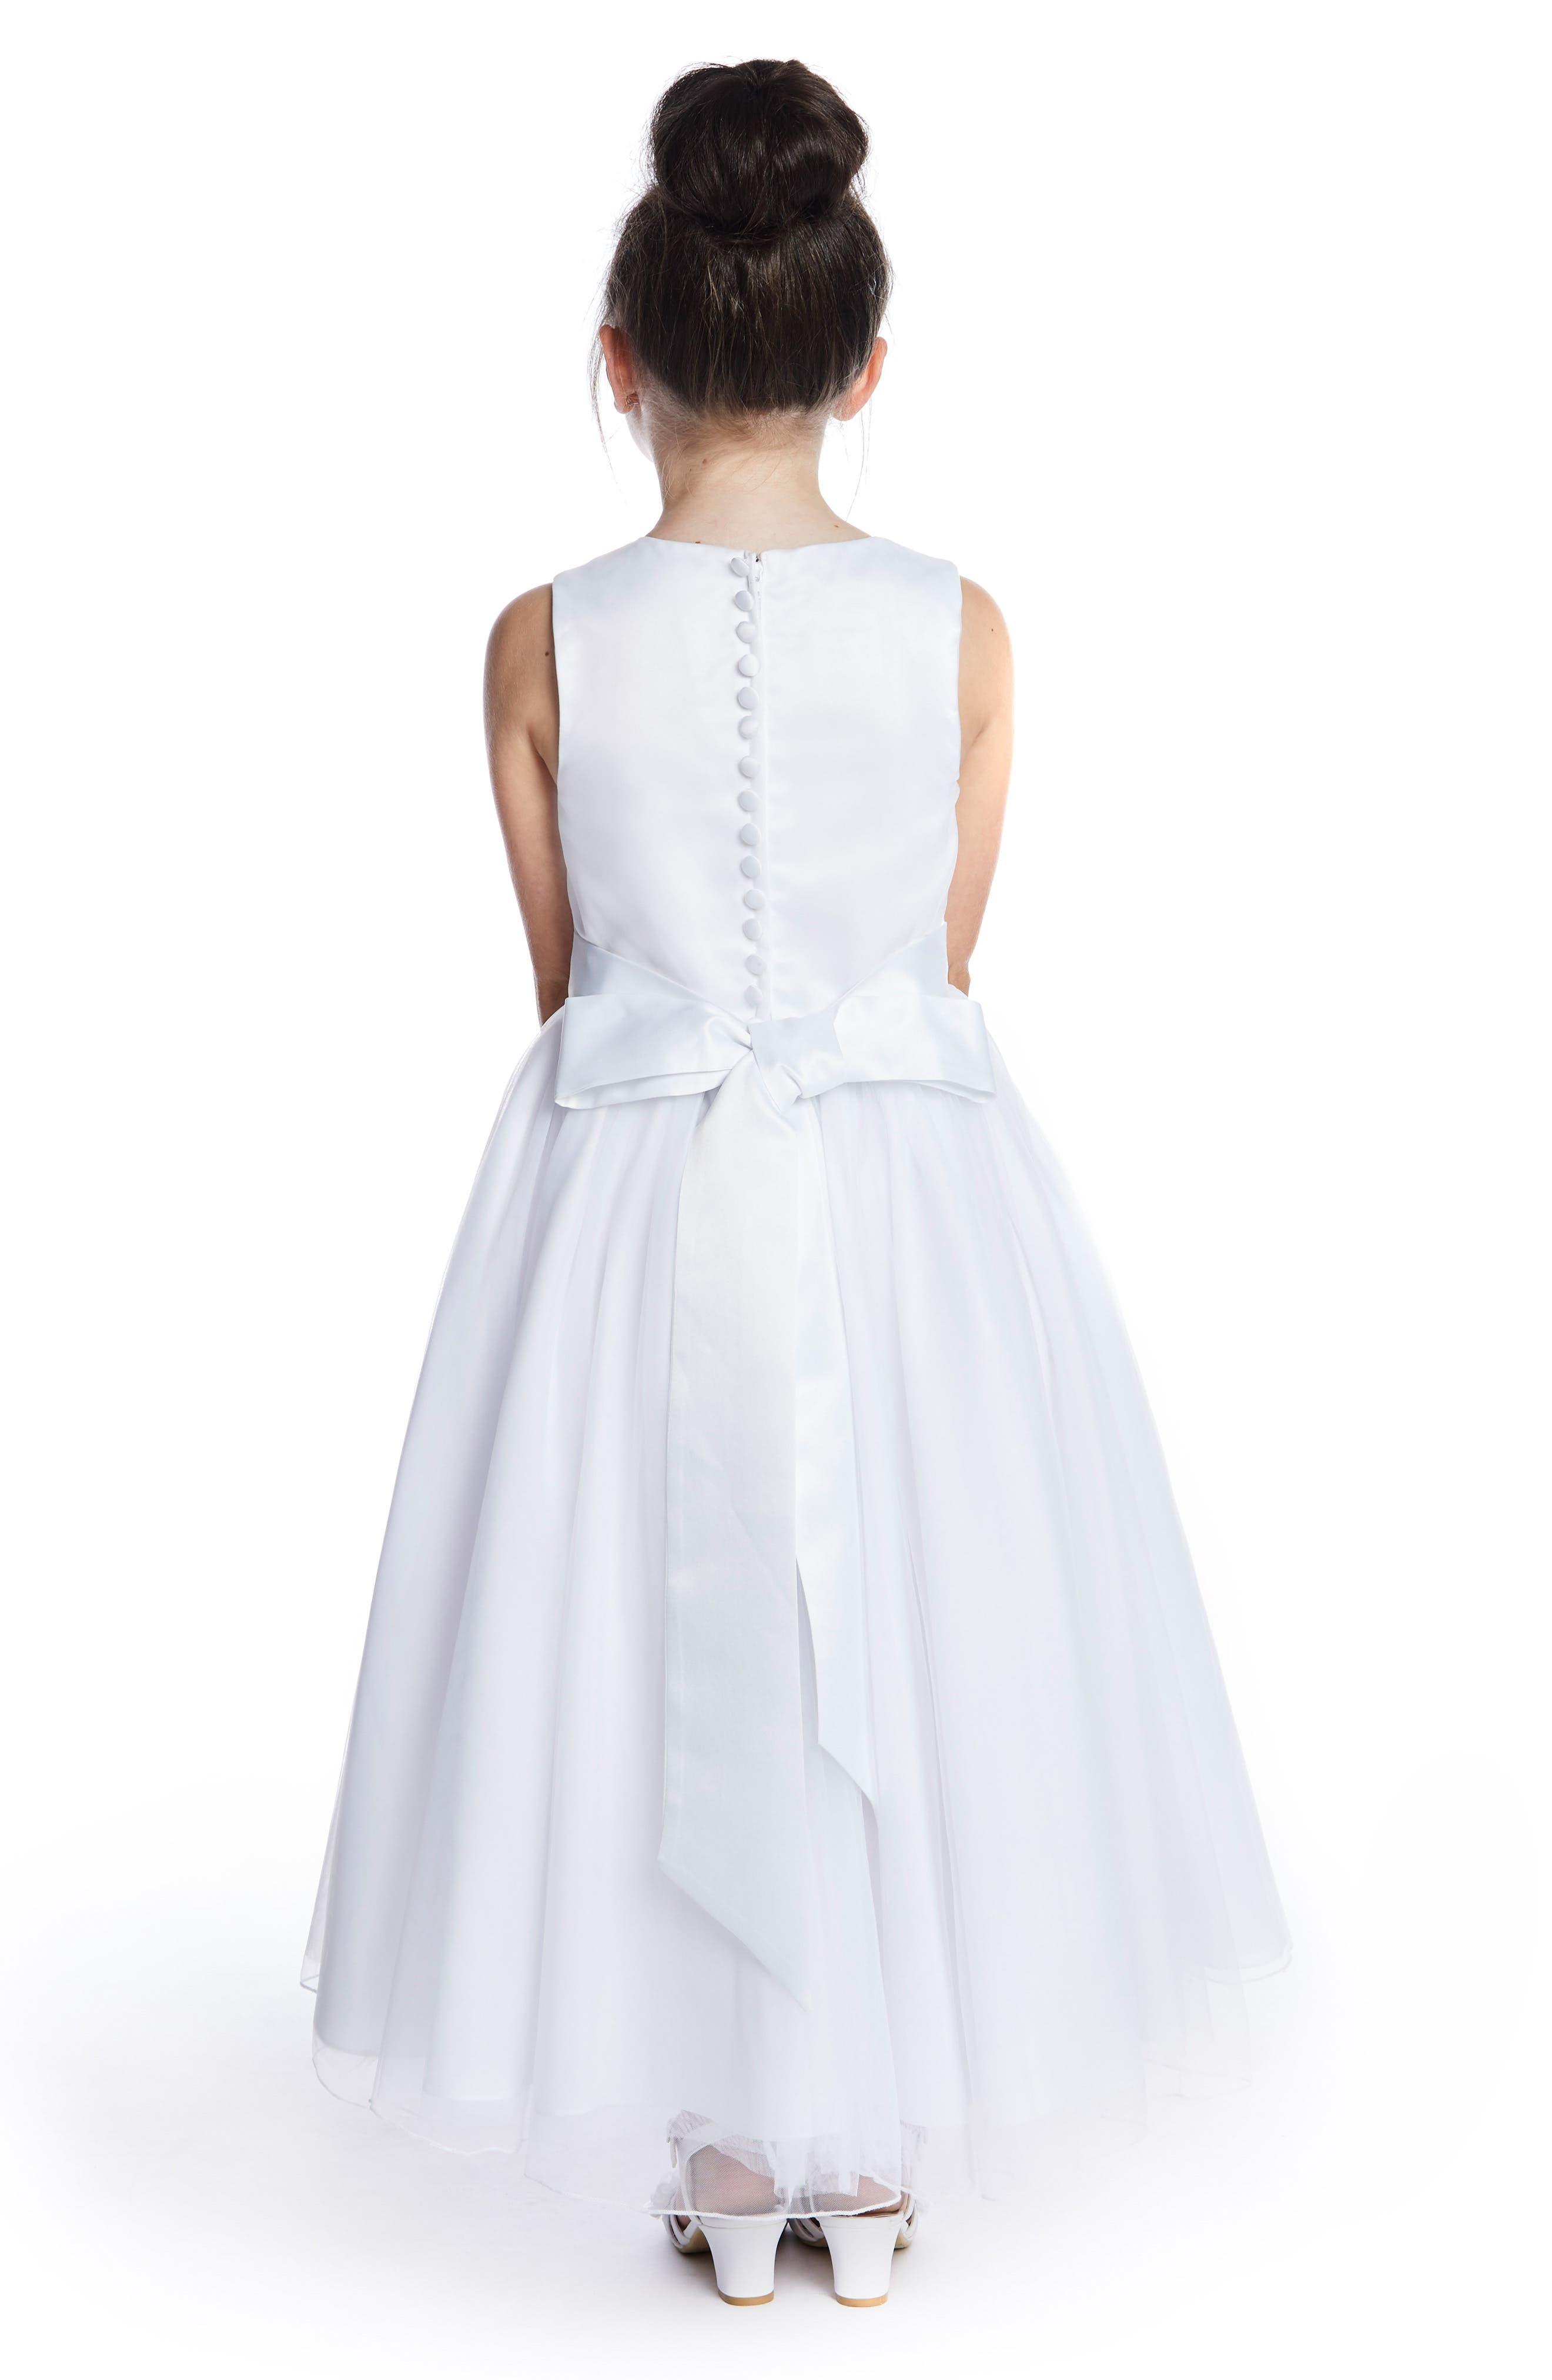 LAUREN MARIE, Beaded First Communion Dress, Alternate thumbnail 2, color, WHITE